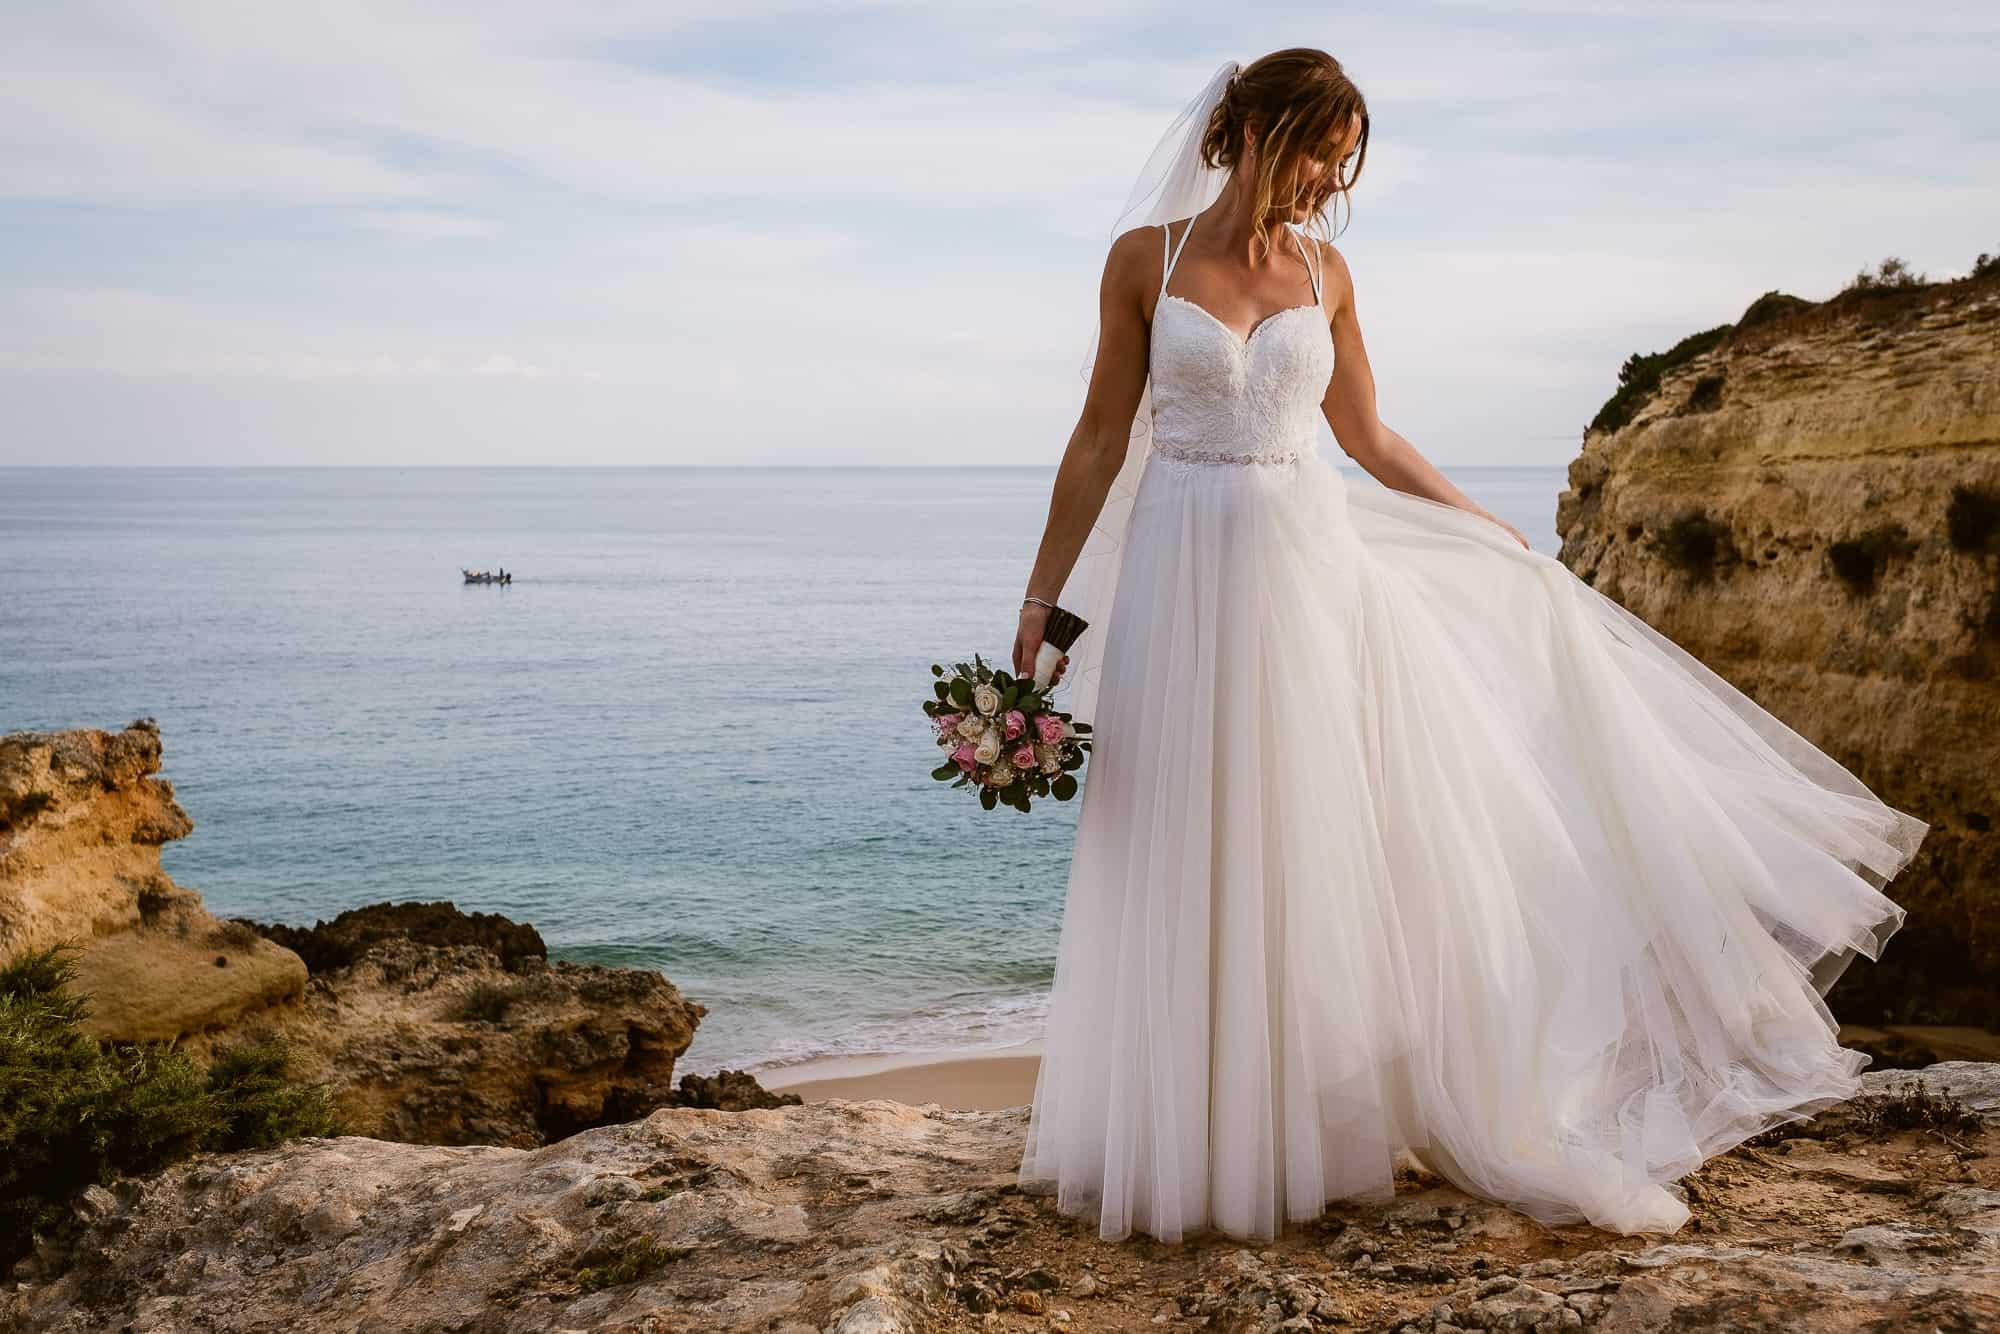 algarve-wedding-photographer-matt-tyler-0048